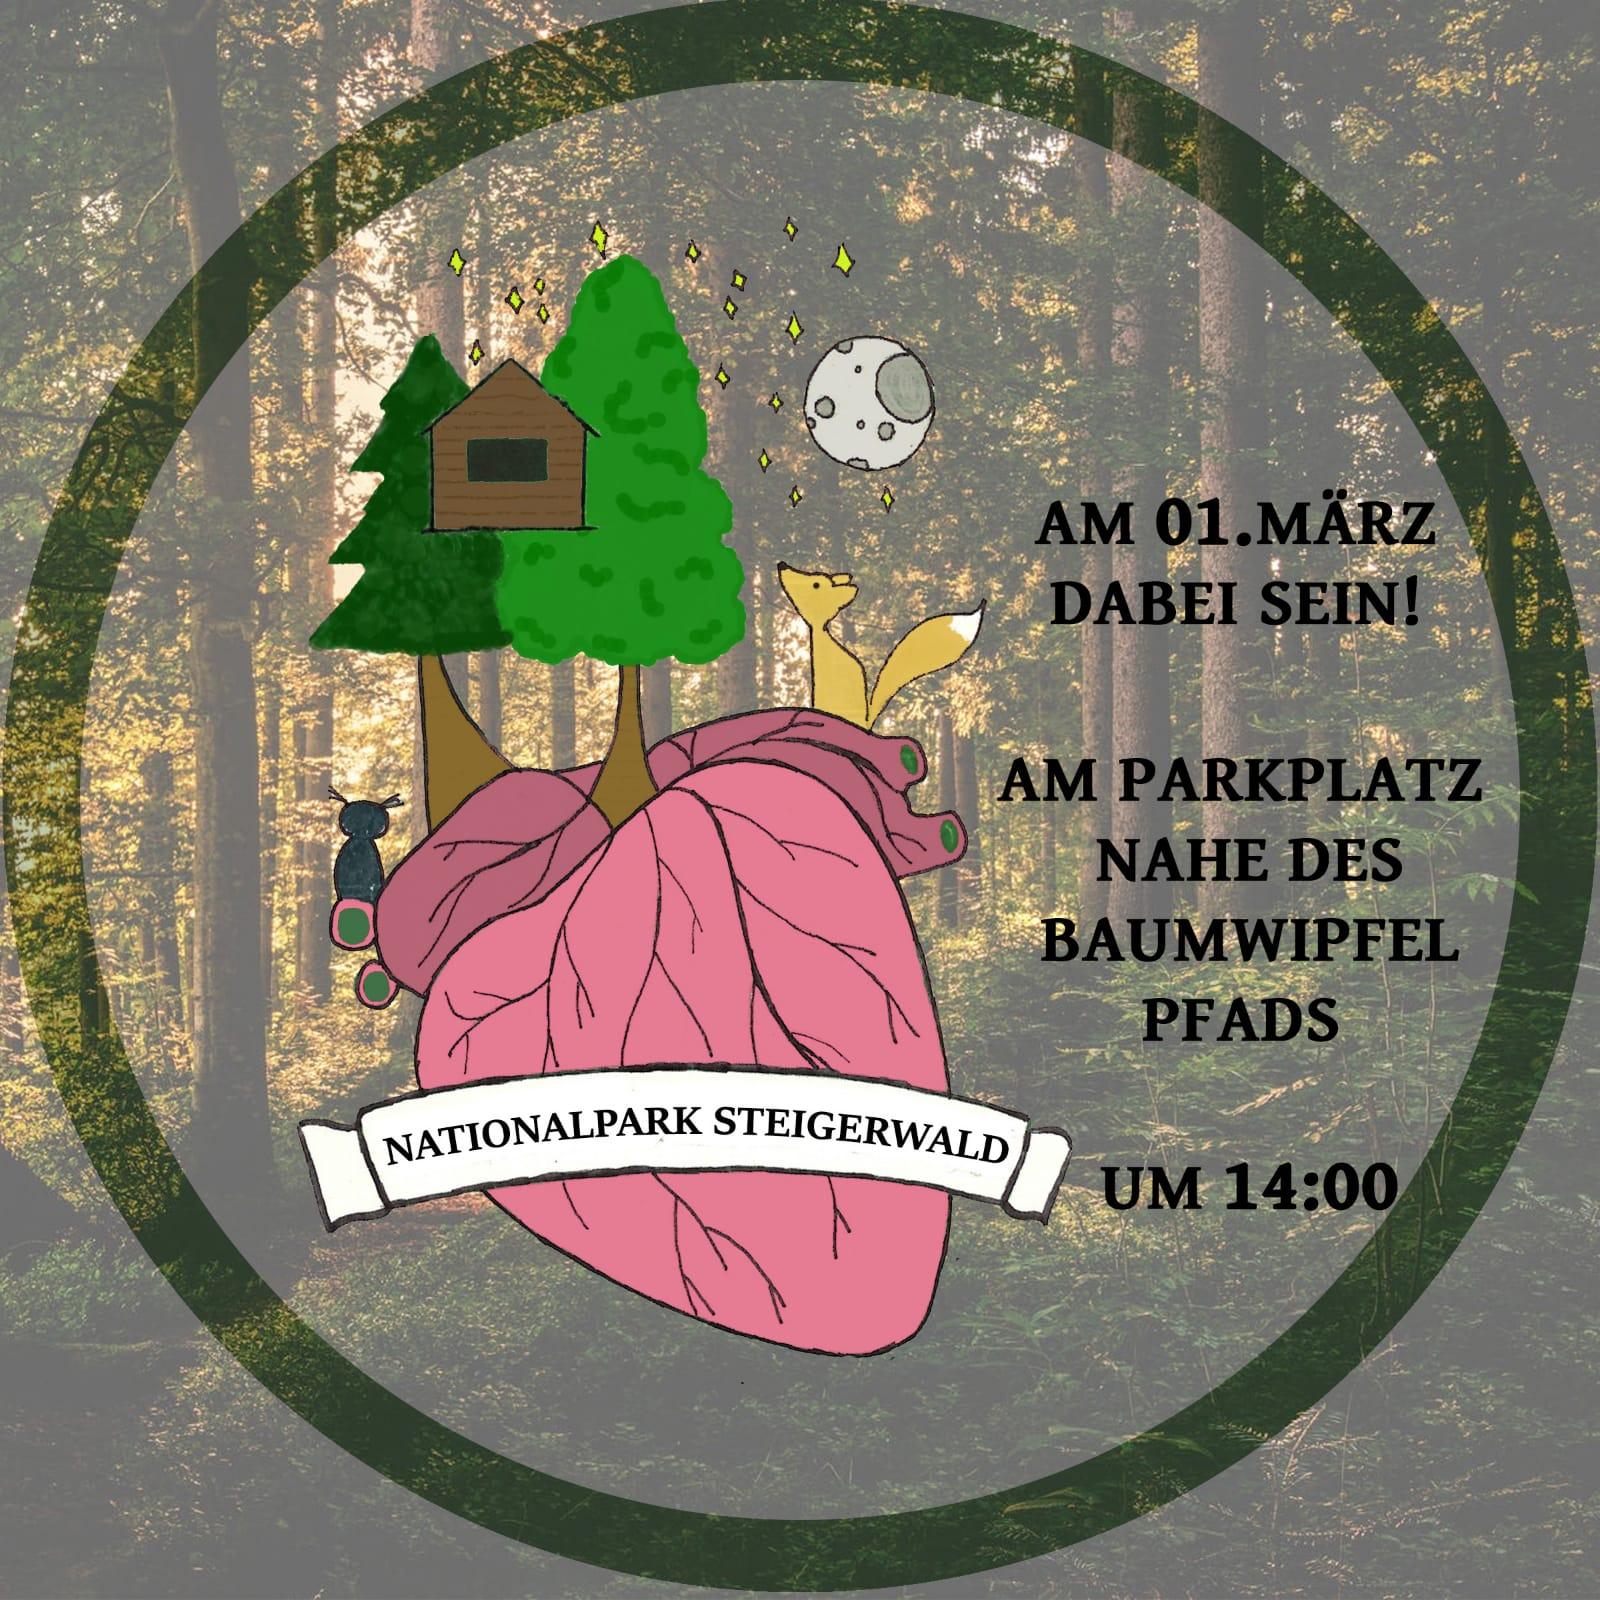 Demo 1.3.20 für einen Nationalpark Steigerwald